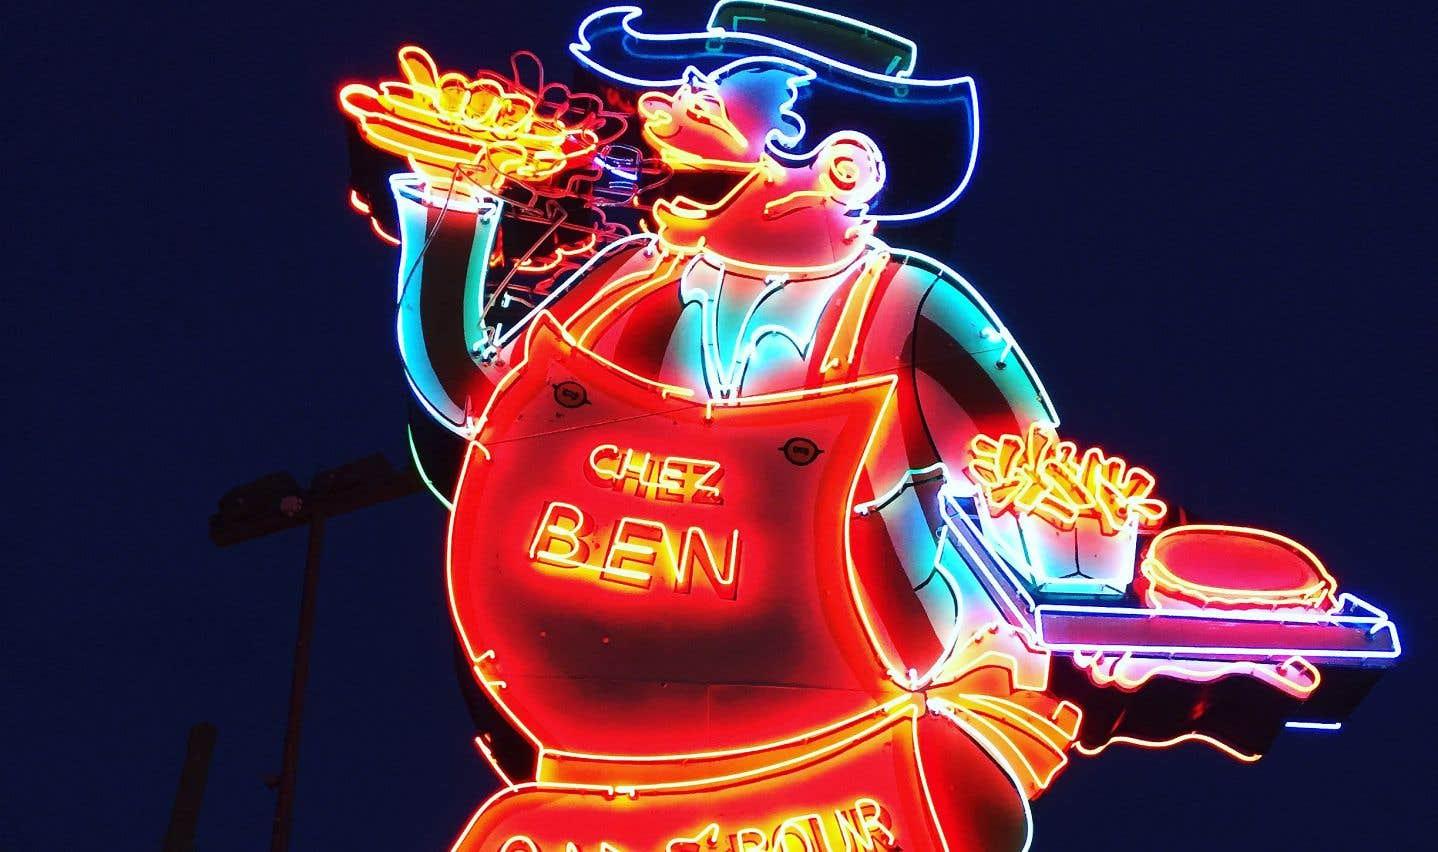 Le célèbre Chez Ben on s'bour la bédaine est connu à travers la province.